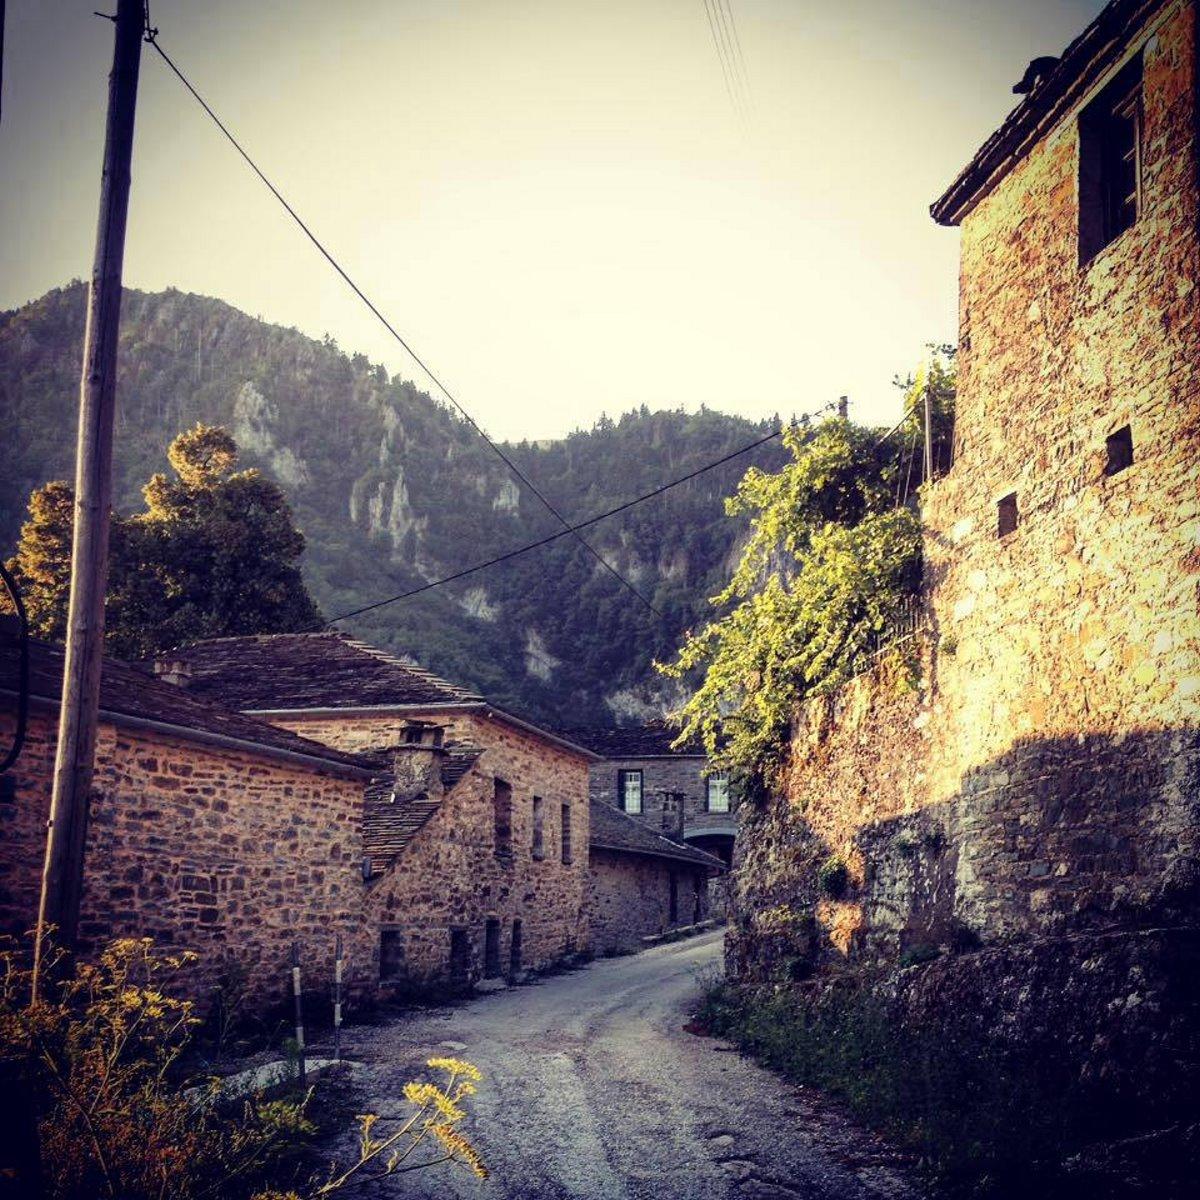 Δίκορφο Ιωαννίνων άγνωστο χωριό πέτρινα καλντερίμια